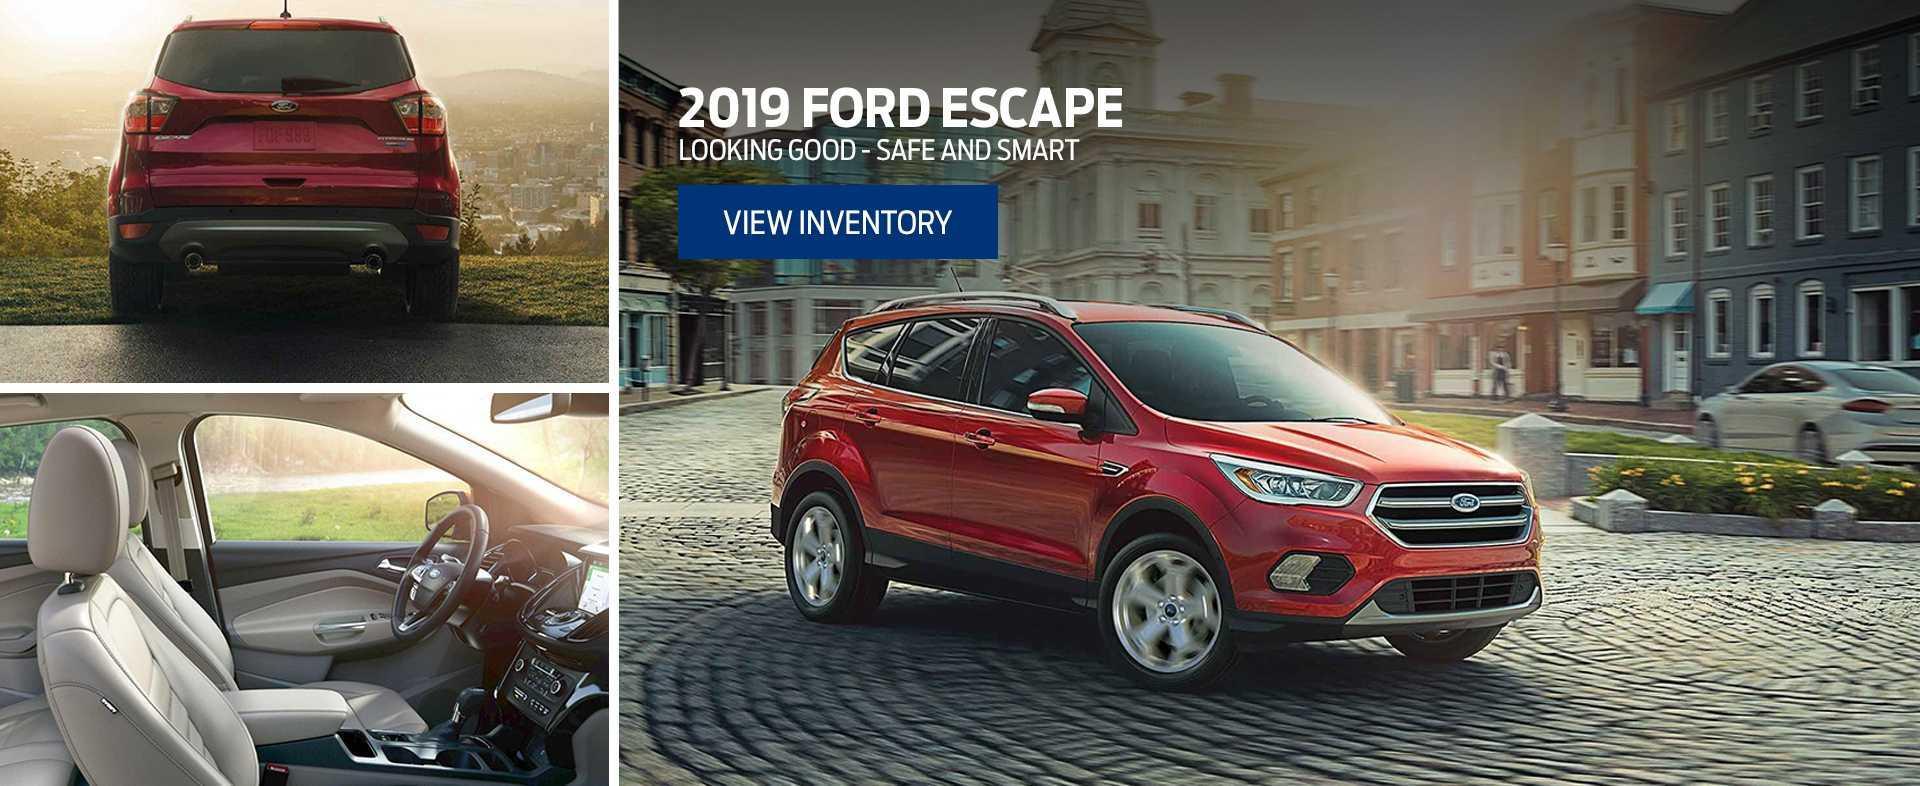 Ford & Lincoln Home 2019 Ford Escape